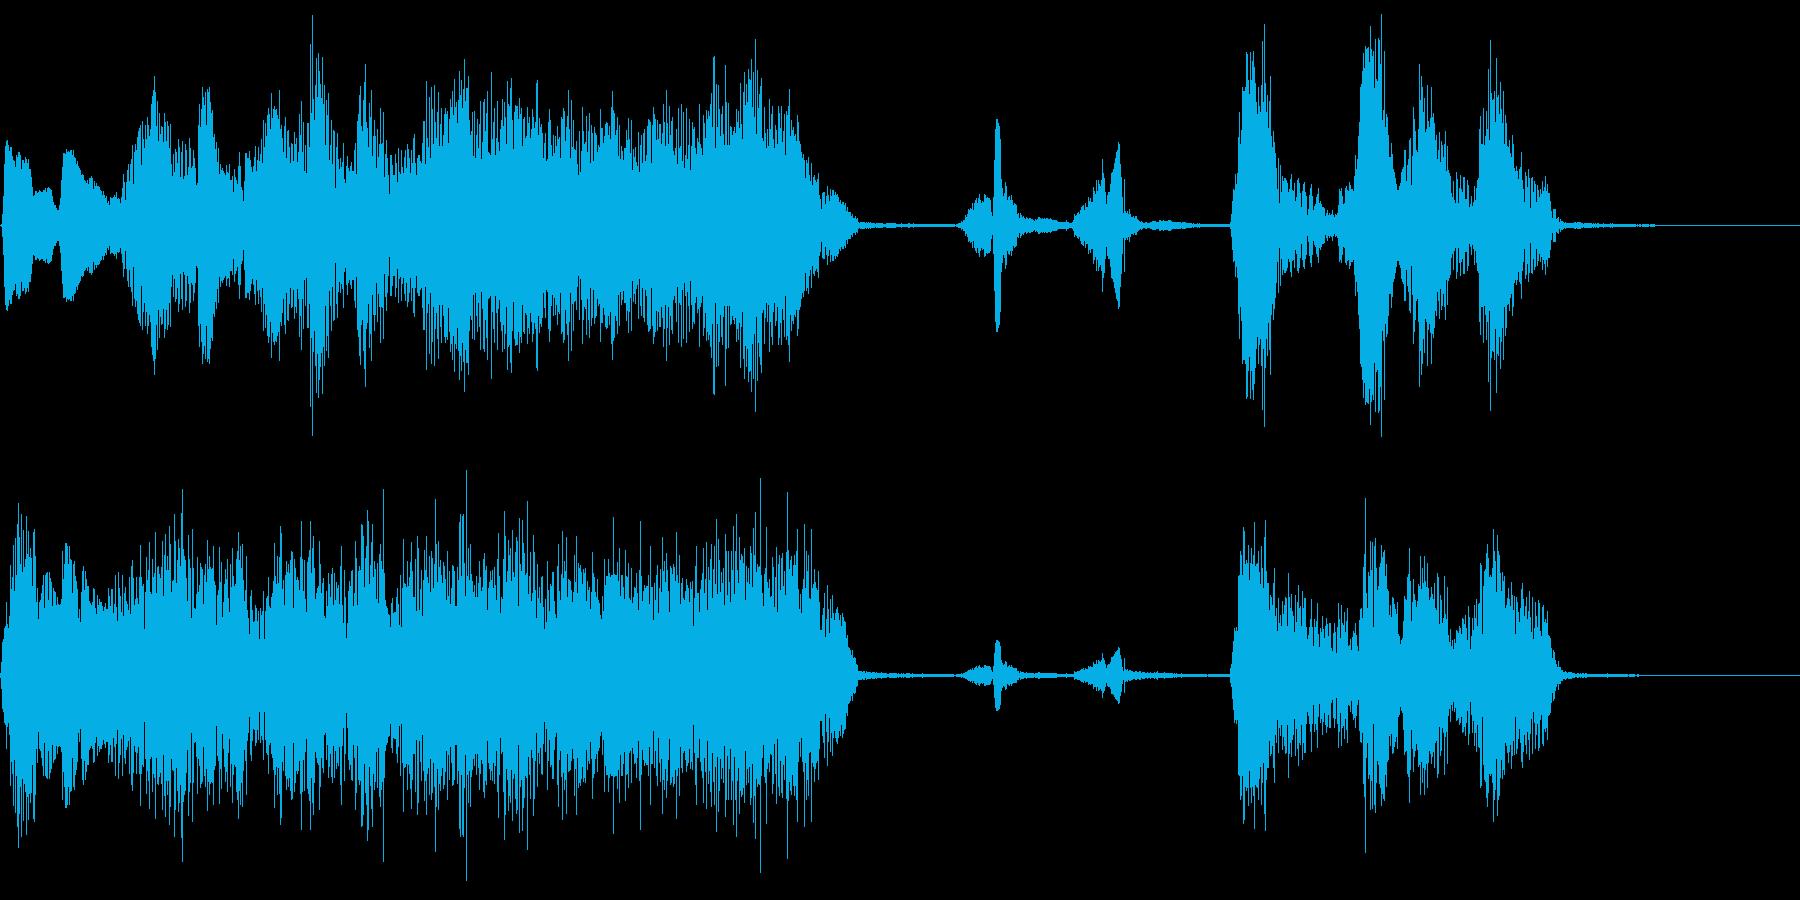 ツッコミ「何でやねん」コーラス/アカペラの再生済みの波形